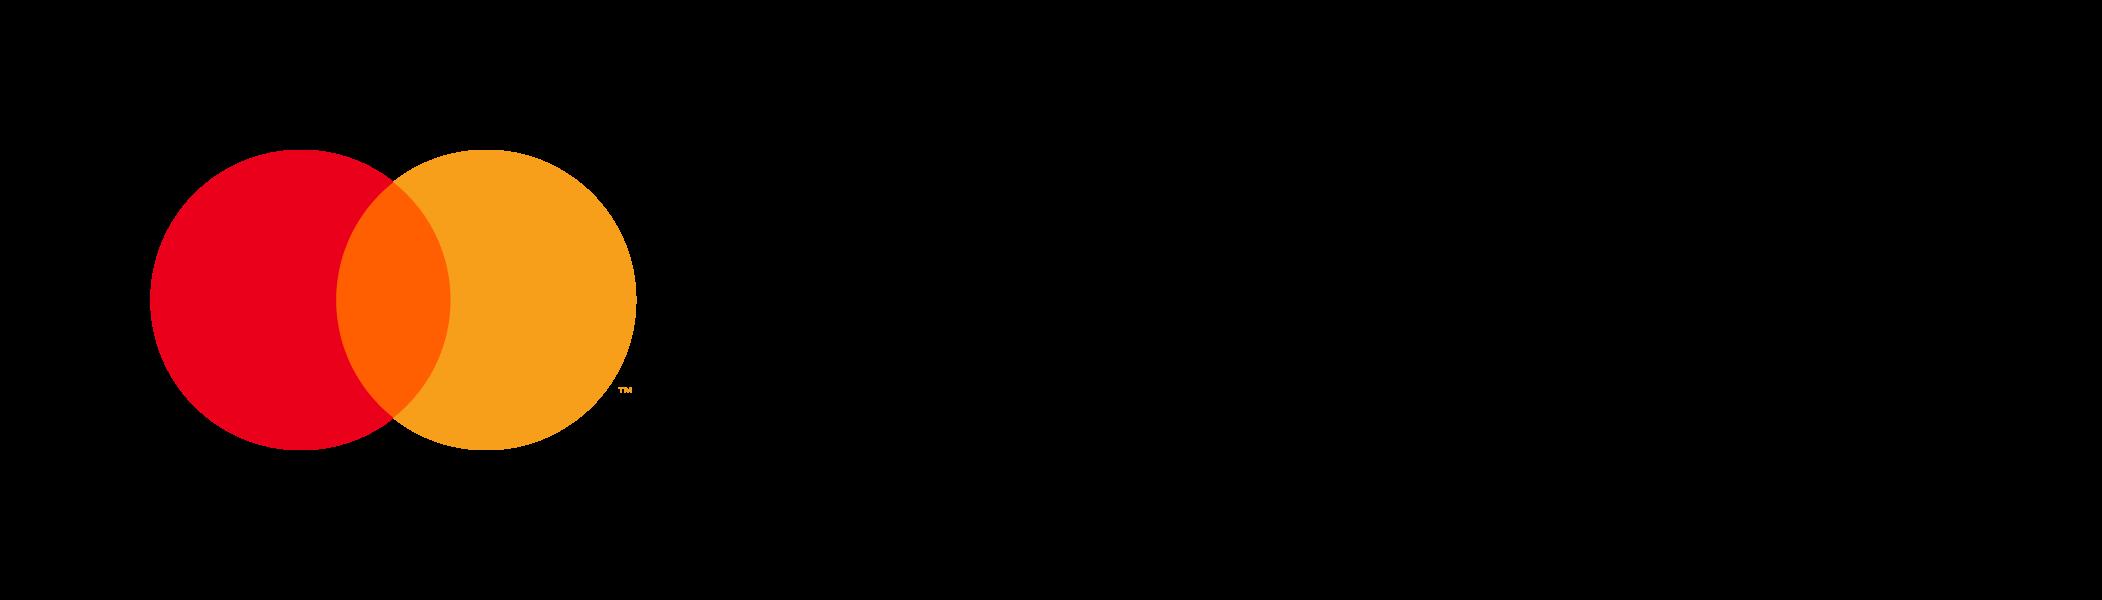 mastercard-check-logo